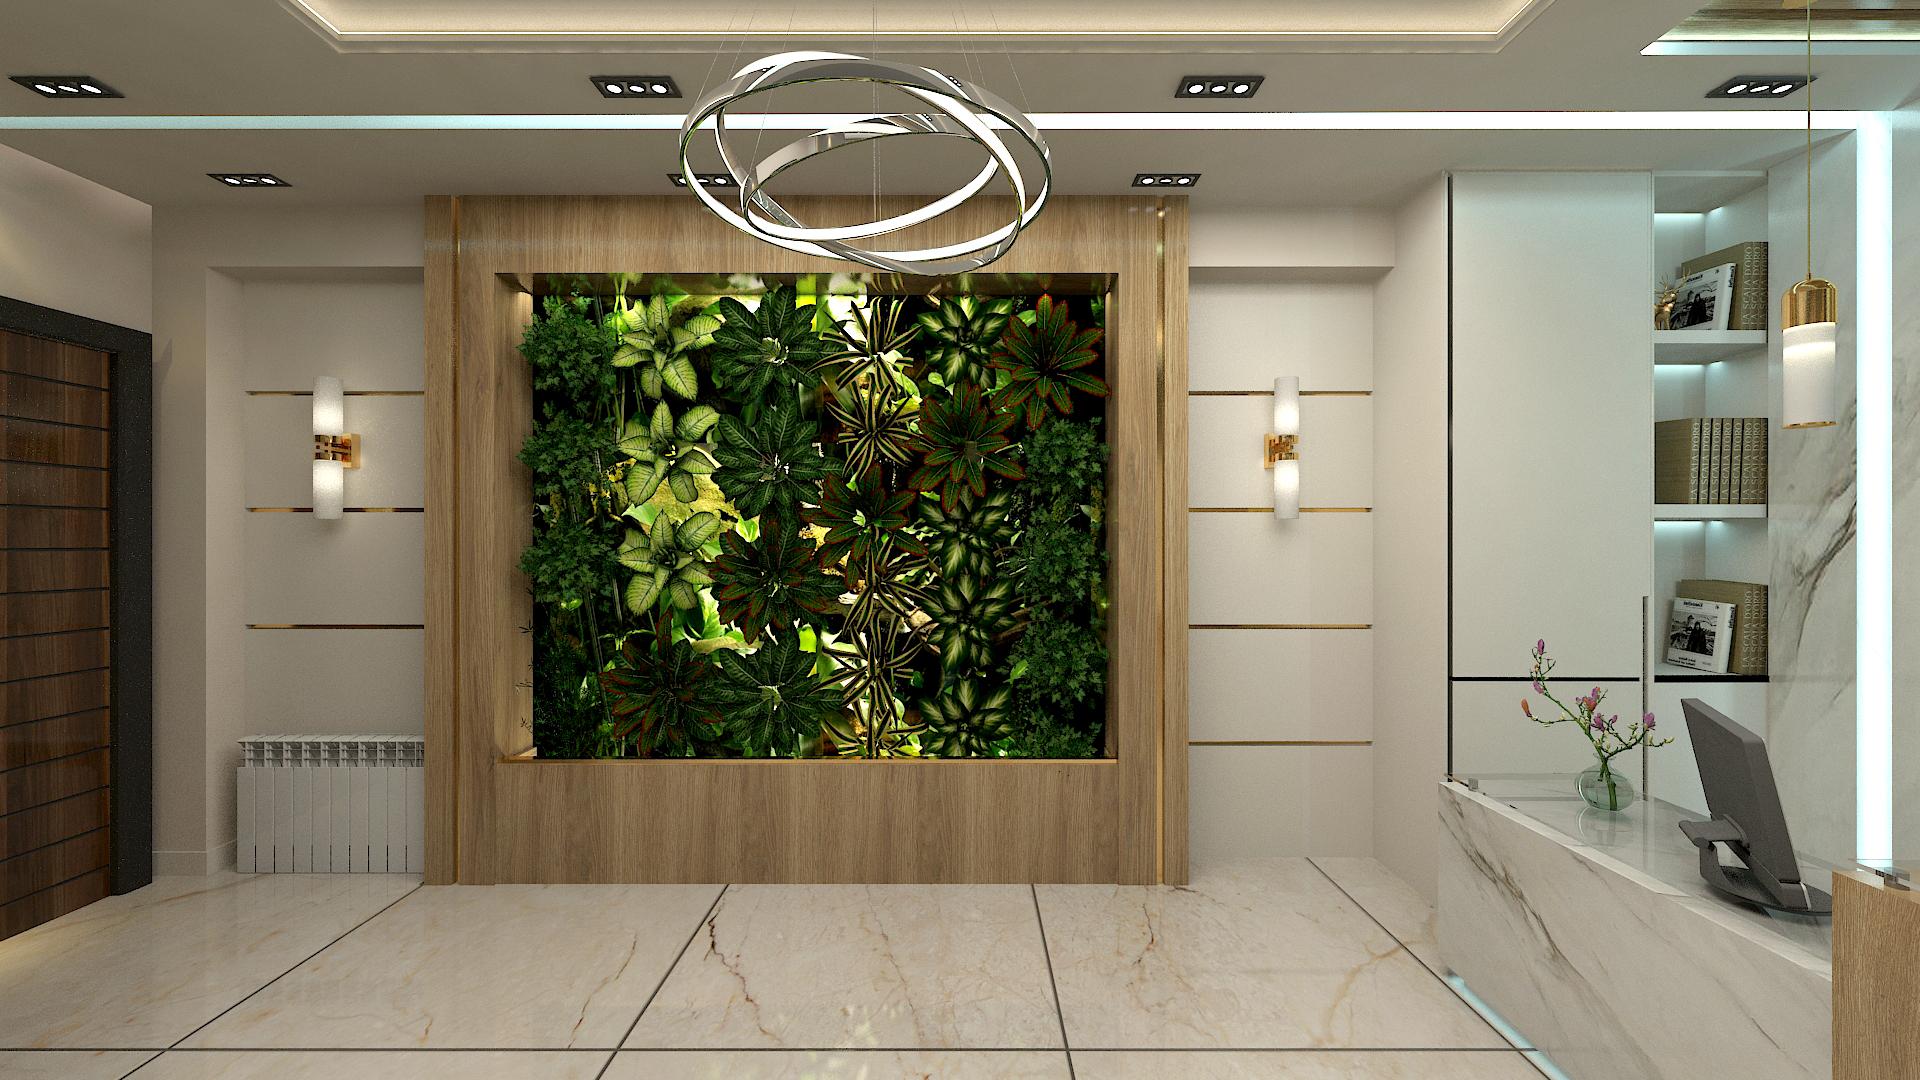 اجرای دیوار سبز در مشهد طراحی نیما بلواسی